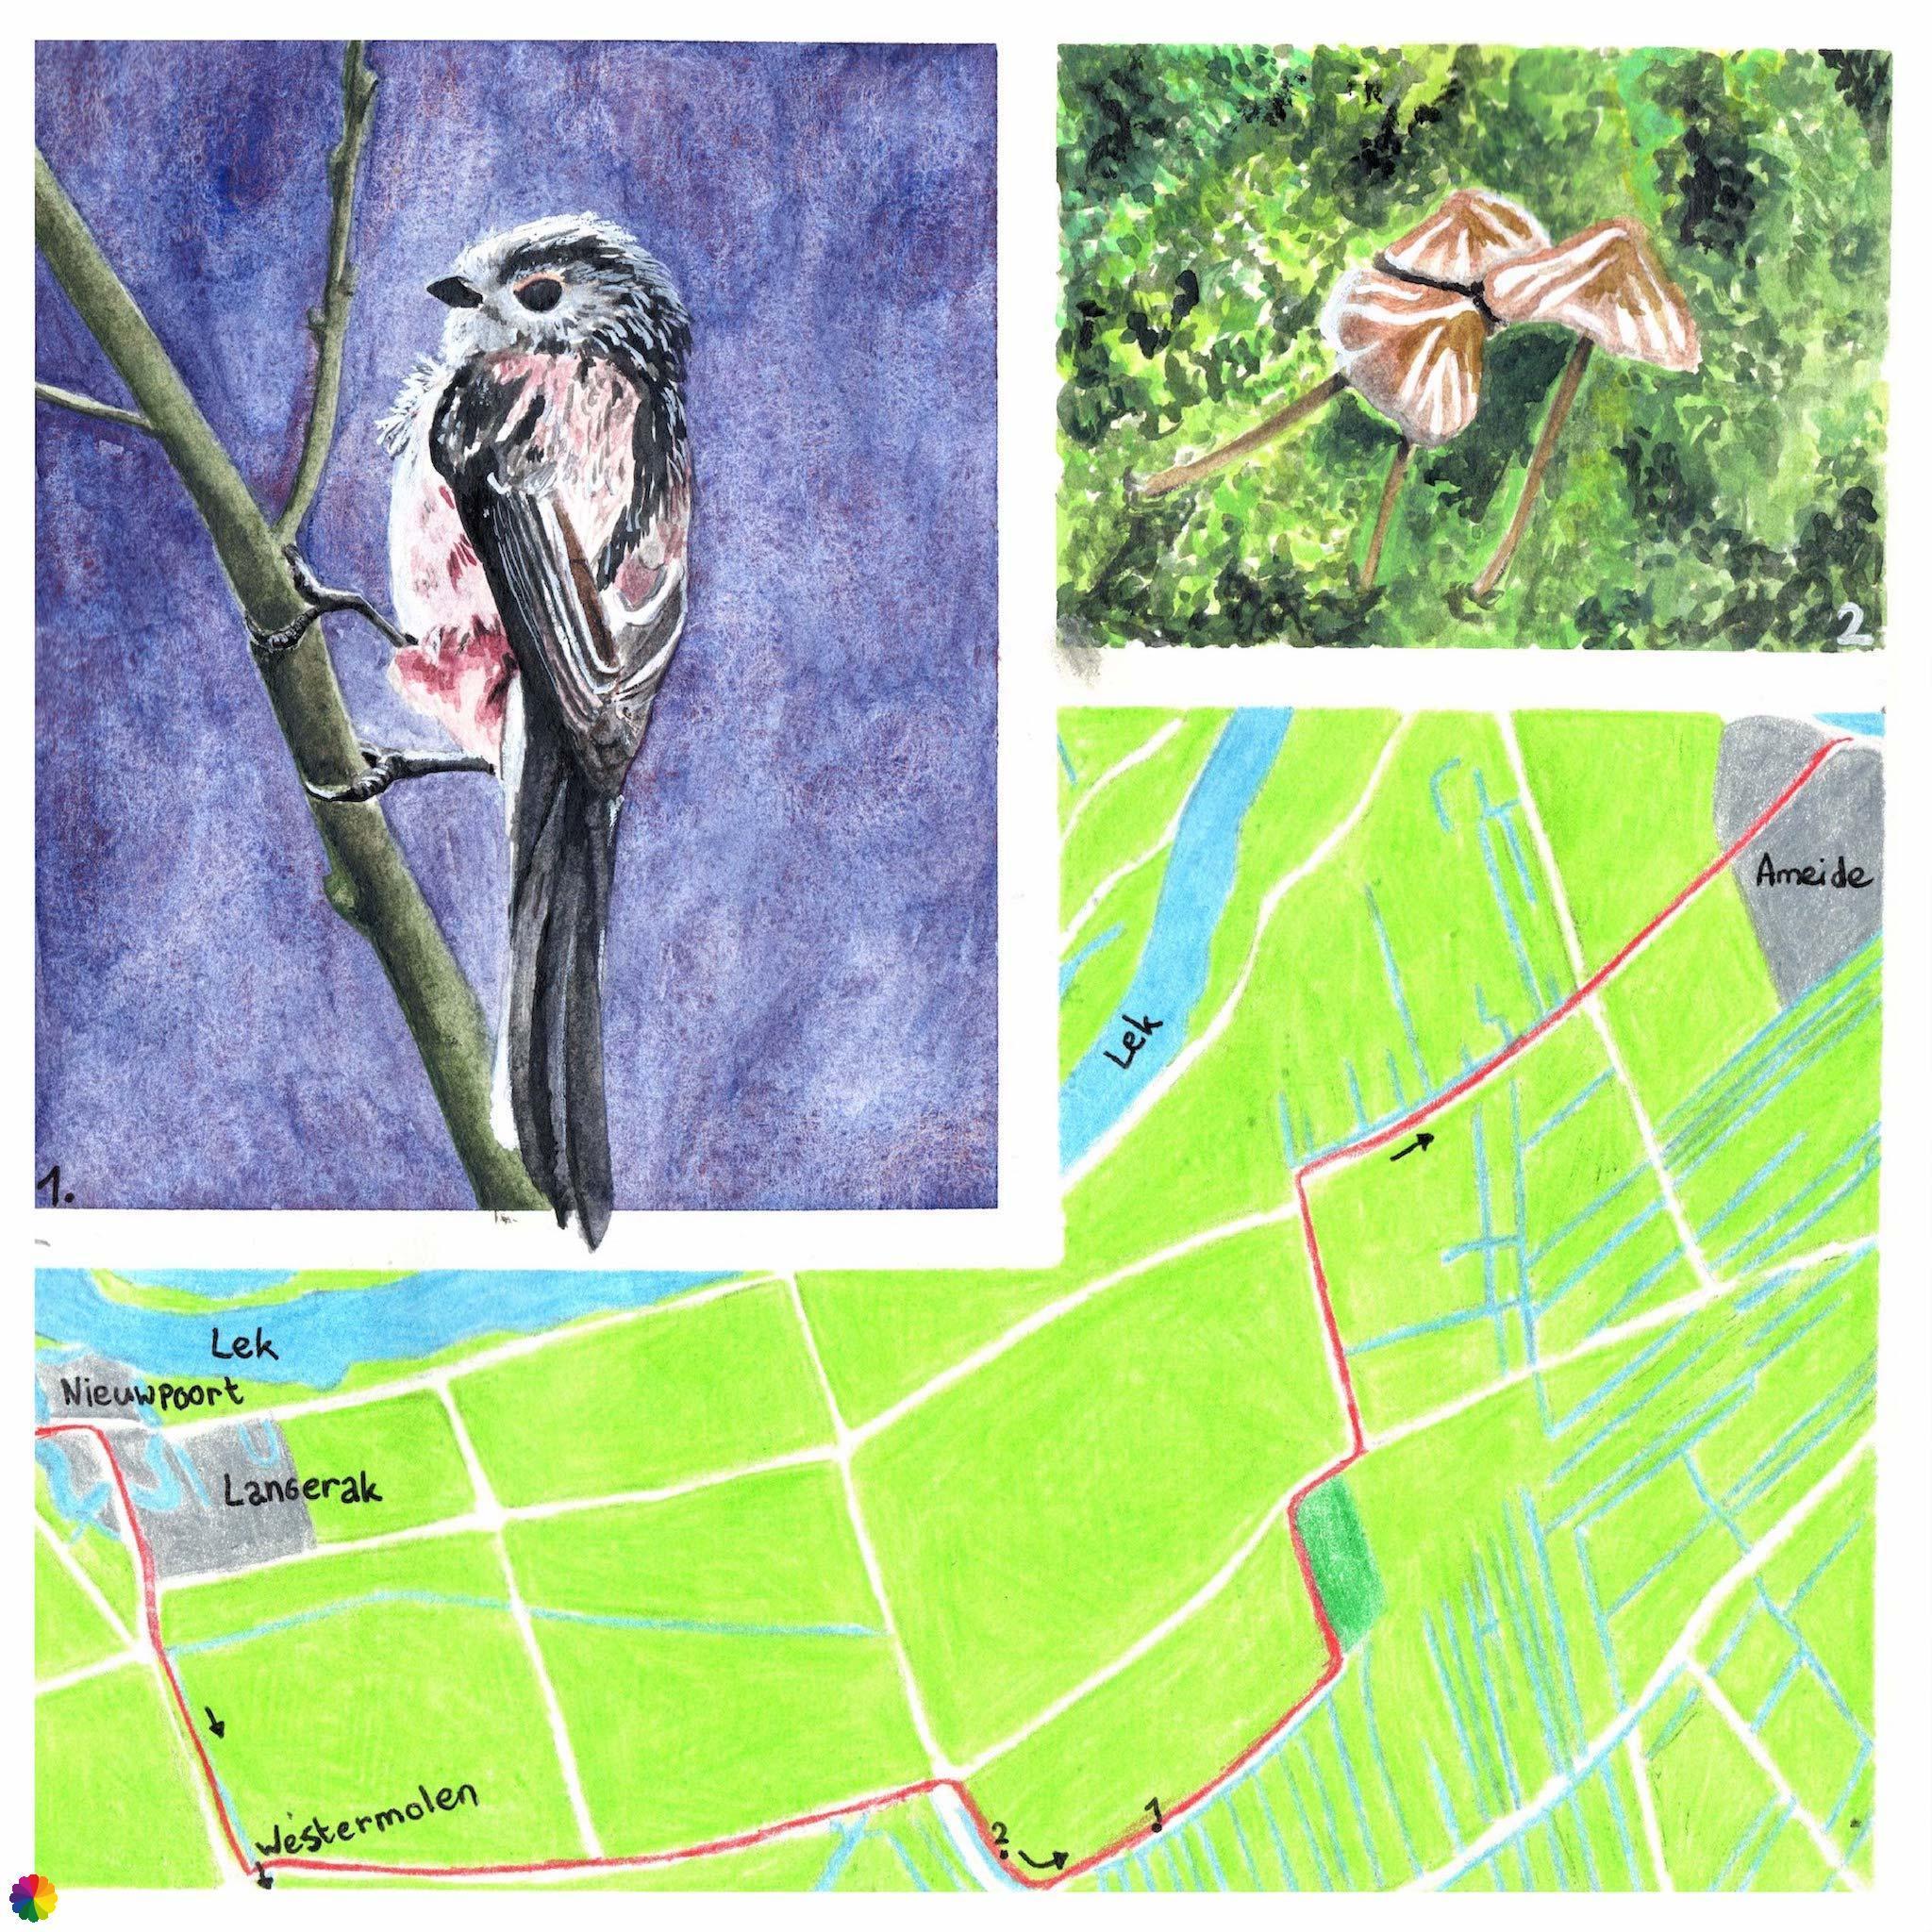 Wandelkaartje Grote rivierenpad Nieuwpoort - Ameide